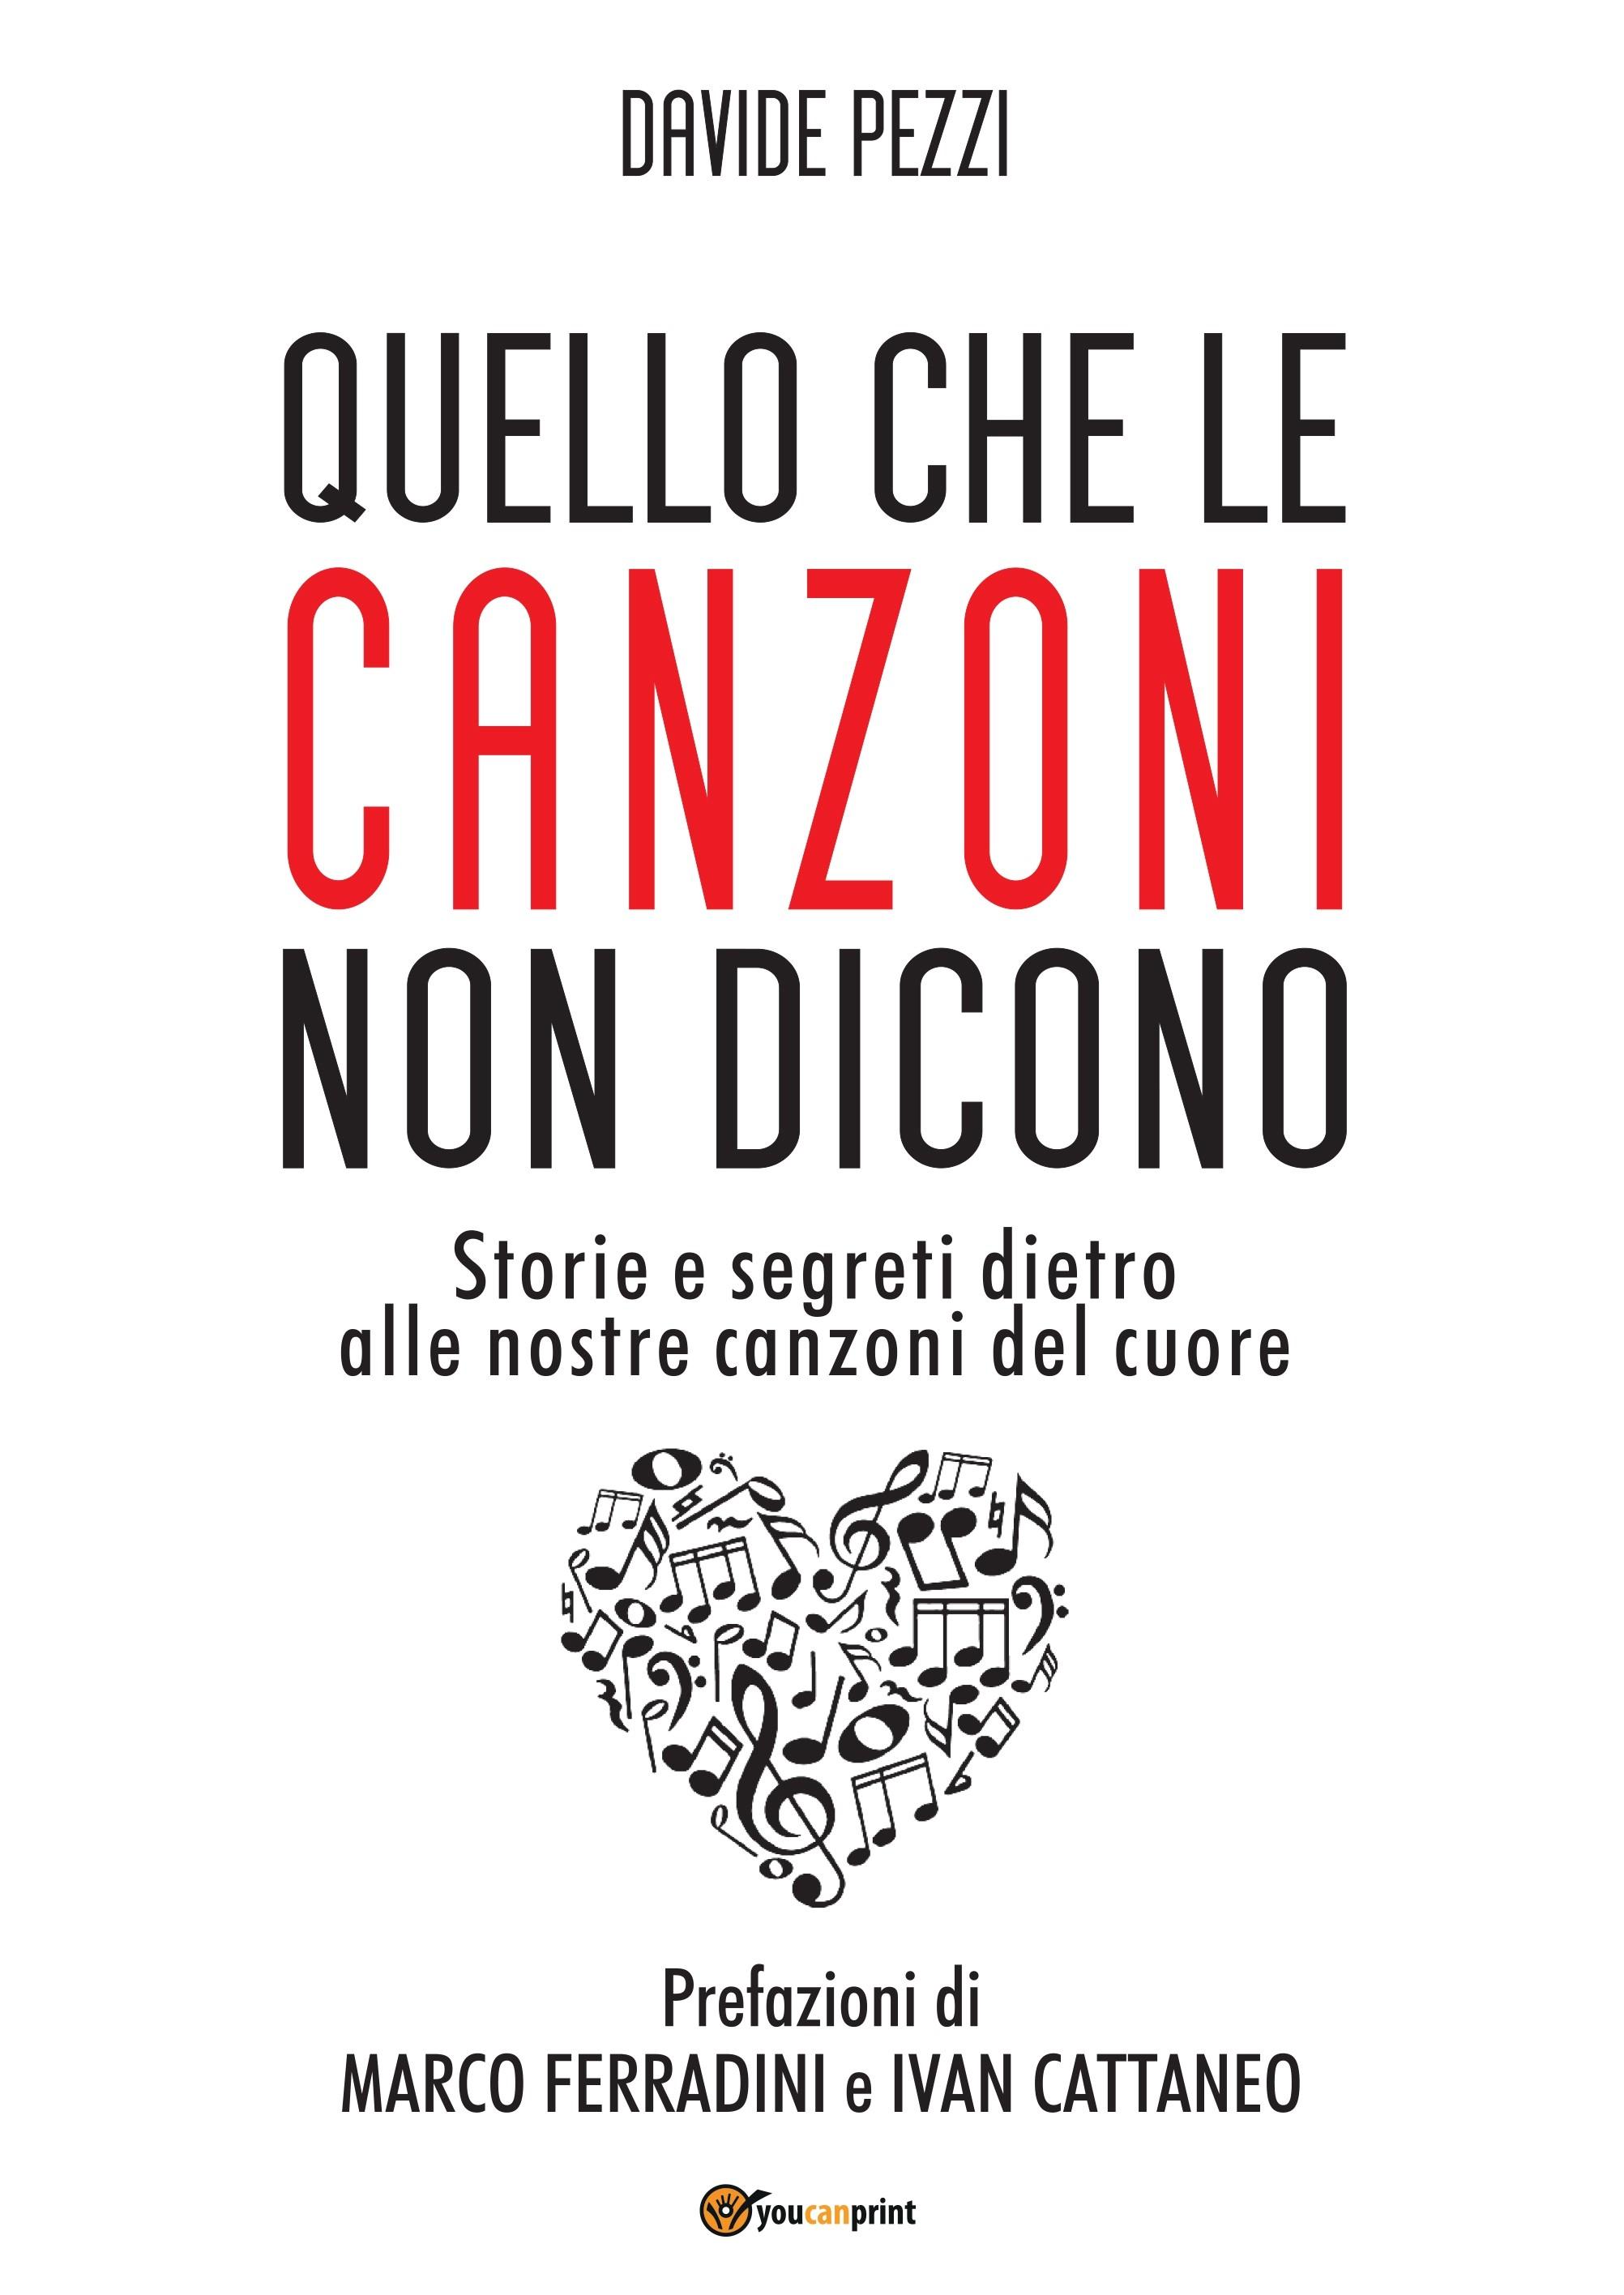 Davide Pezzi - Quello che le canzoni non dicono. Storie e segreti dietro le nostre canzoni del cuore